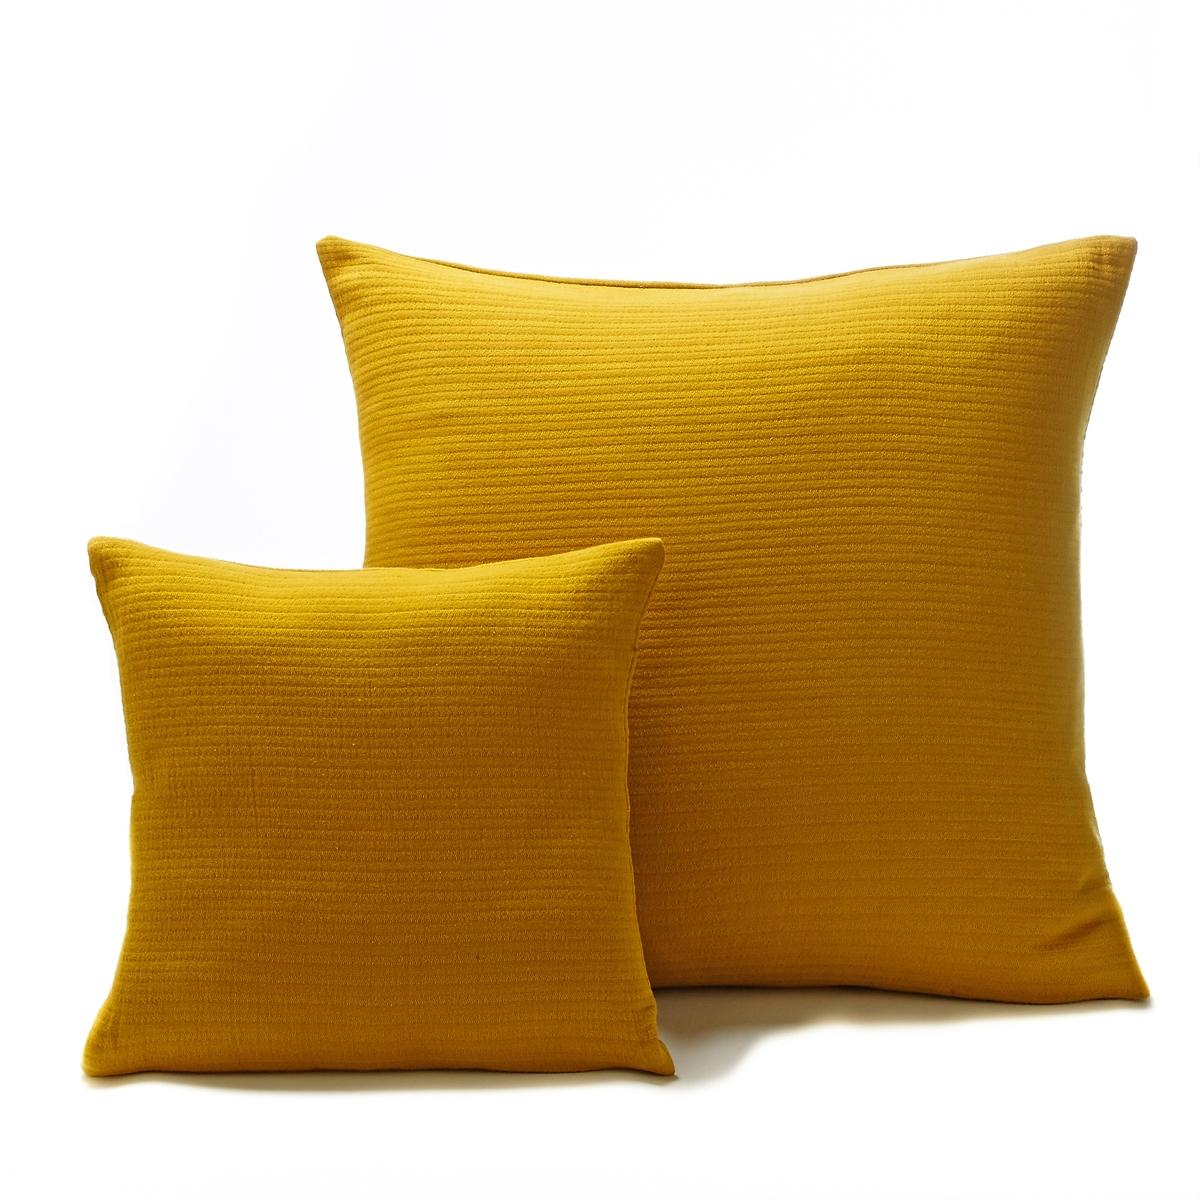 Чехол на подушку IlhowЧехол на подушку Ilhow с модным тисненым узором.Характеристики чехла на подушку Ilhow :- 100% хлопок.- Застежка на молнию.<br><br>Цвет: желтый горчичный,зеленый,серый<br>Размер: 65 x 65  см.65 x 65  см.65 x 65  см